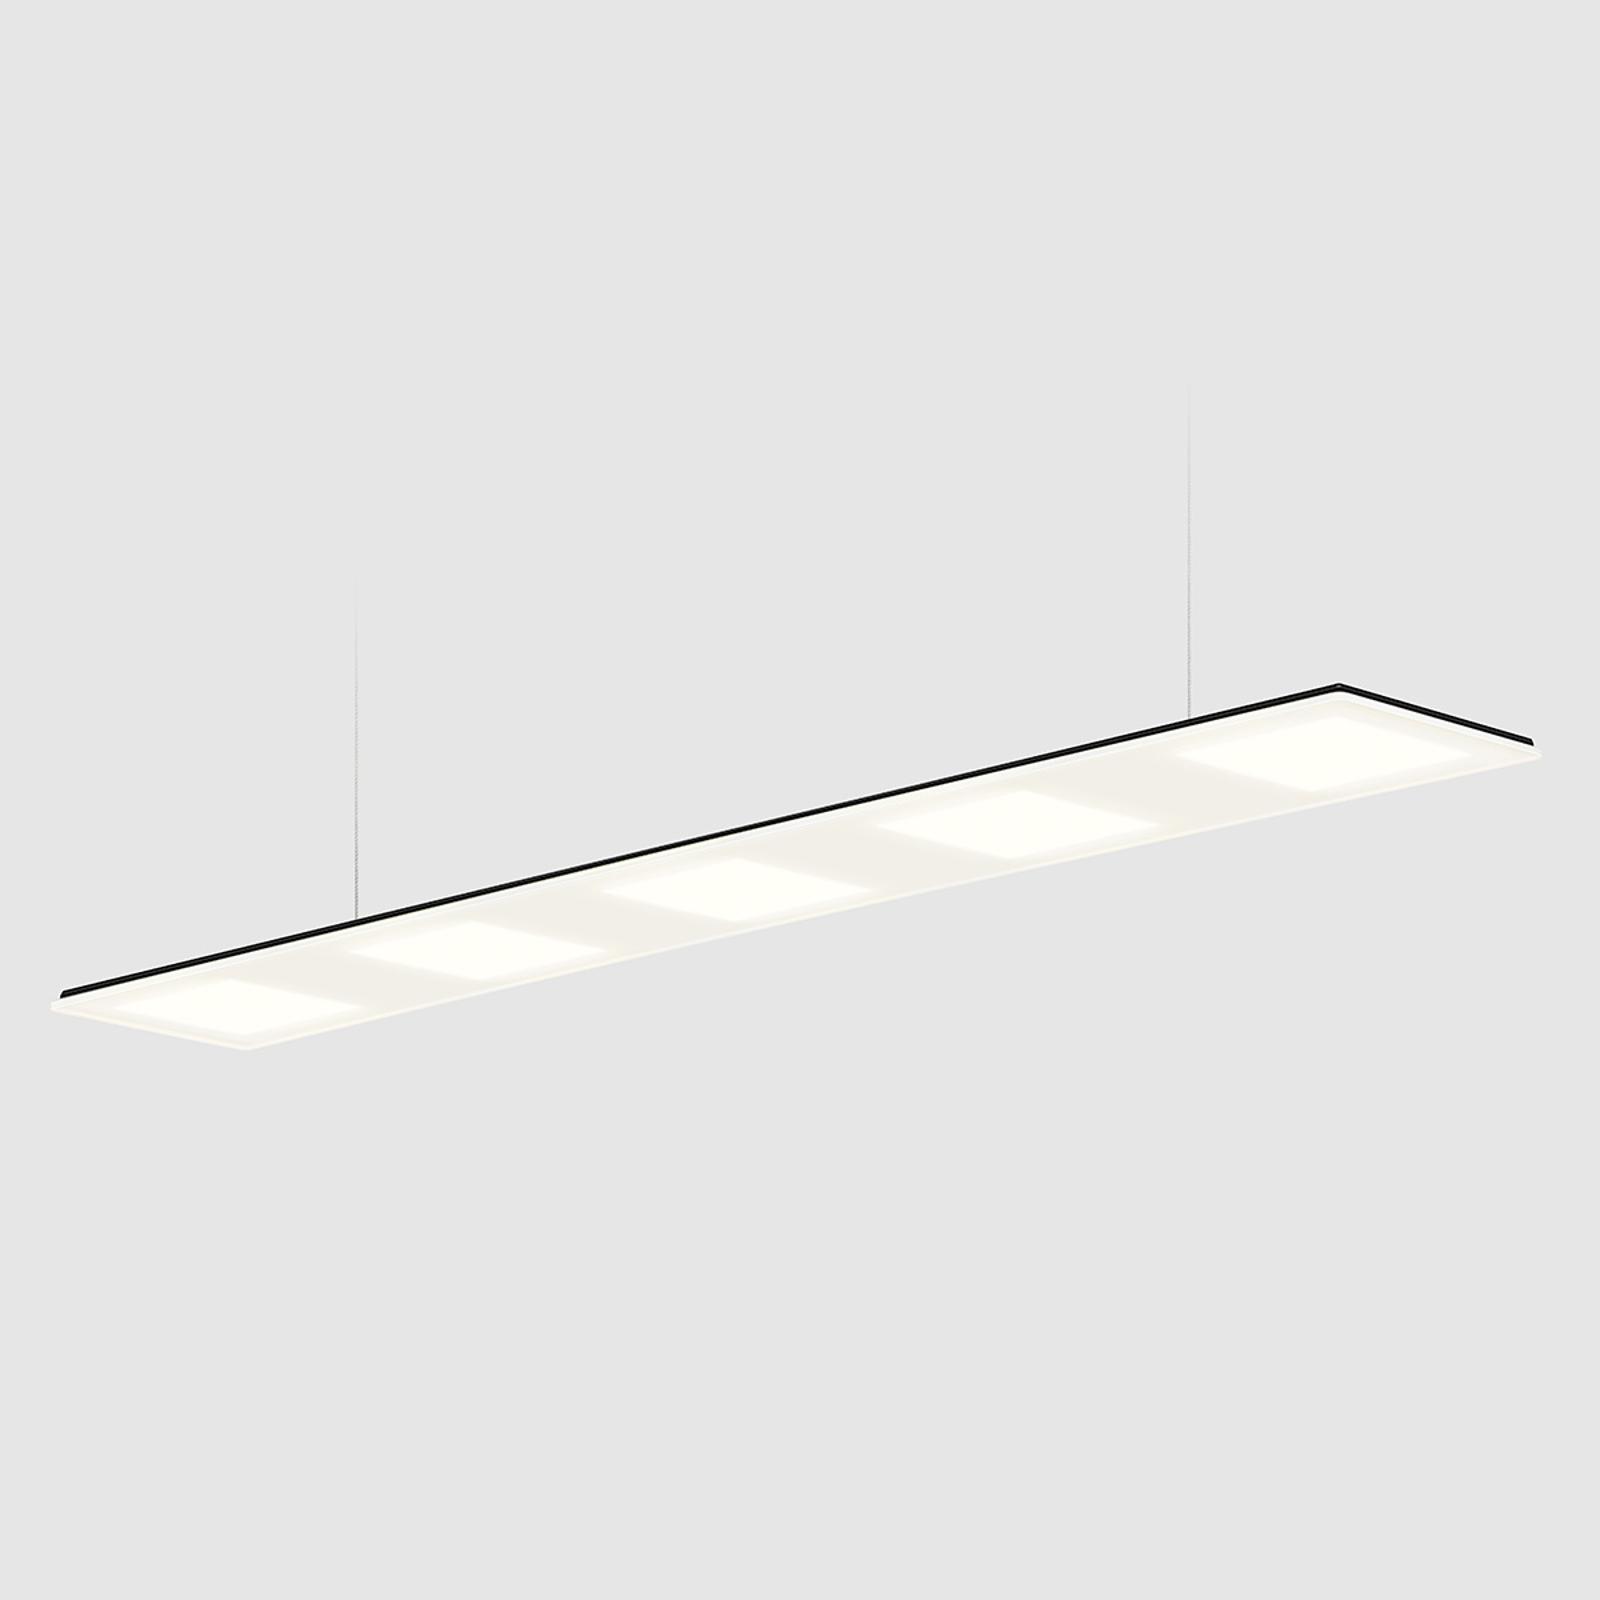 Lampa wisząca OLED OMLED One s5L - czarna